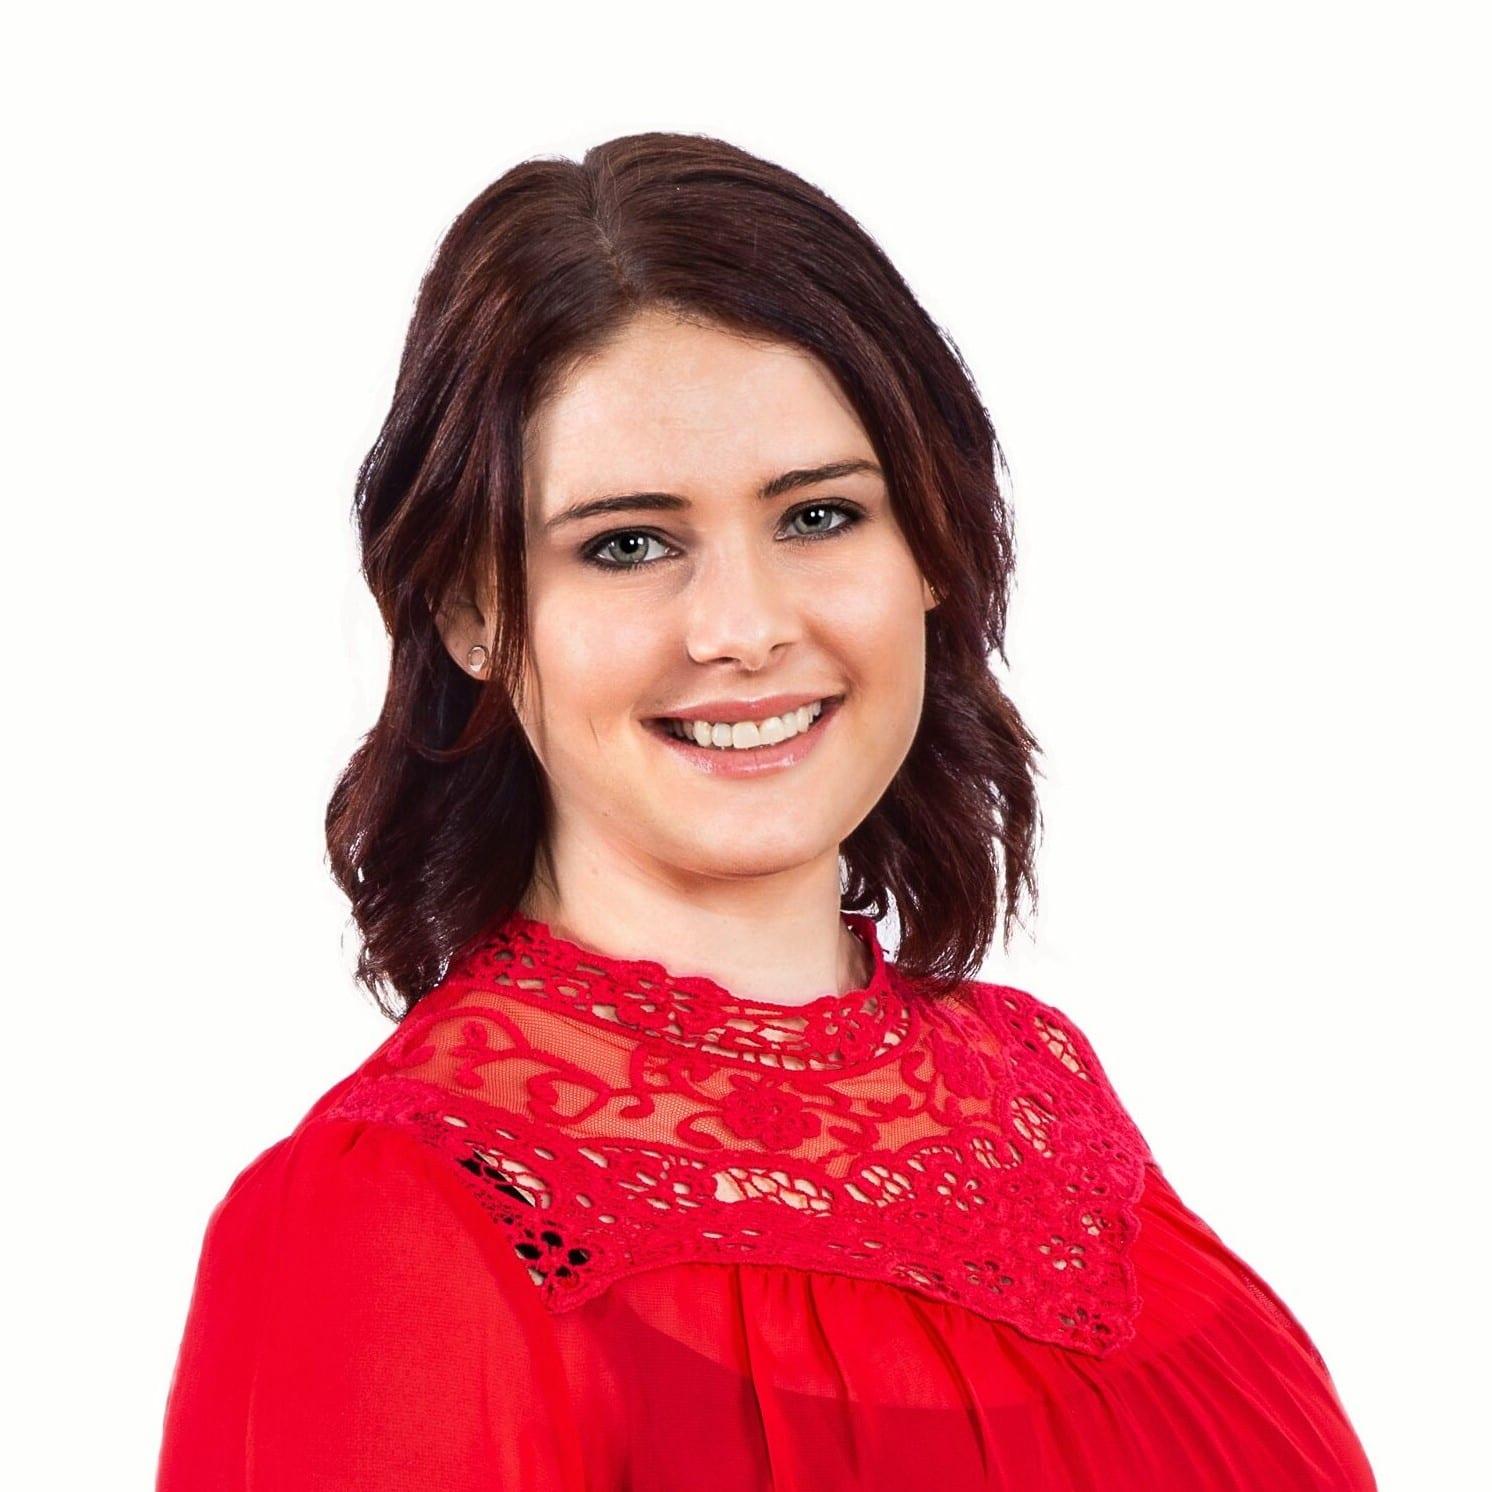 Kimberly Labuschagne